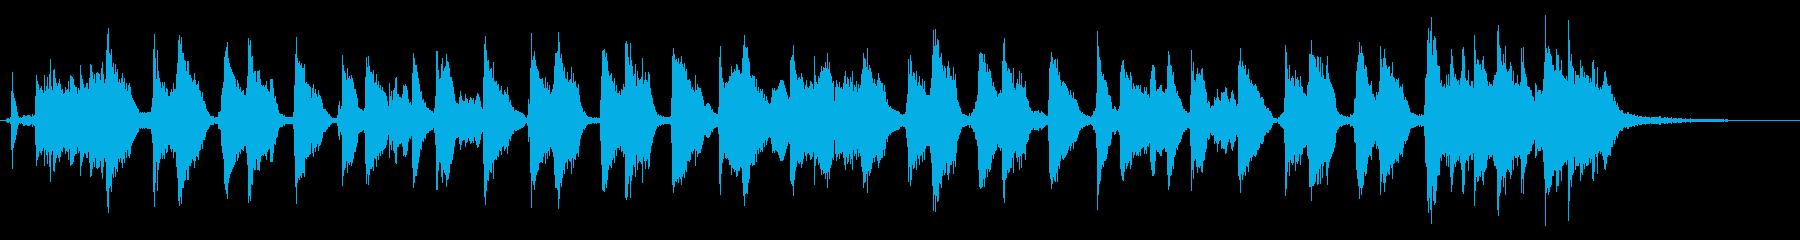 ビールをテーマにした楽曲 15秒ver.の再生済みの波形